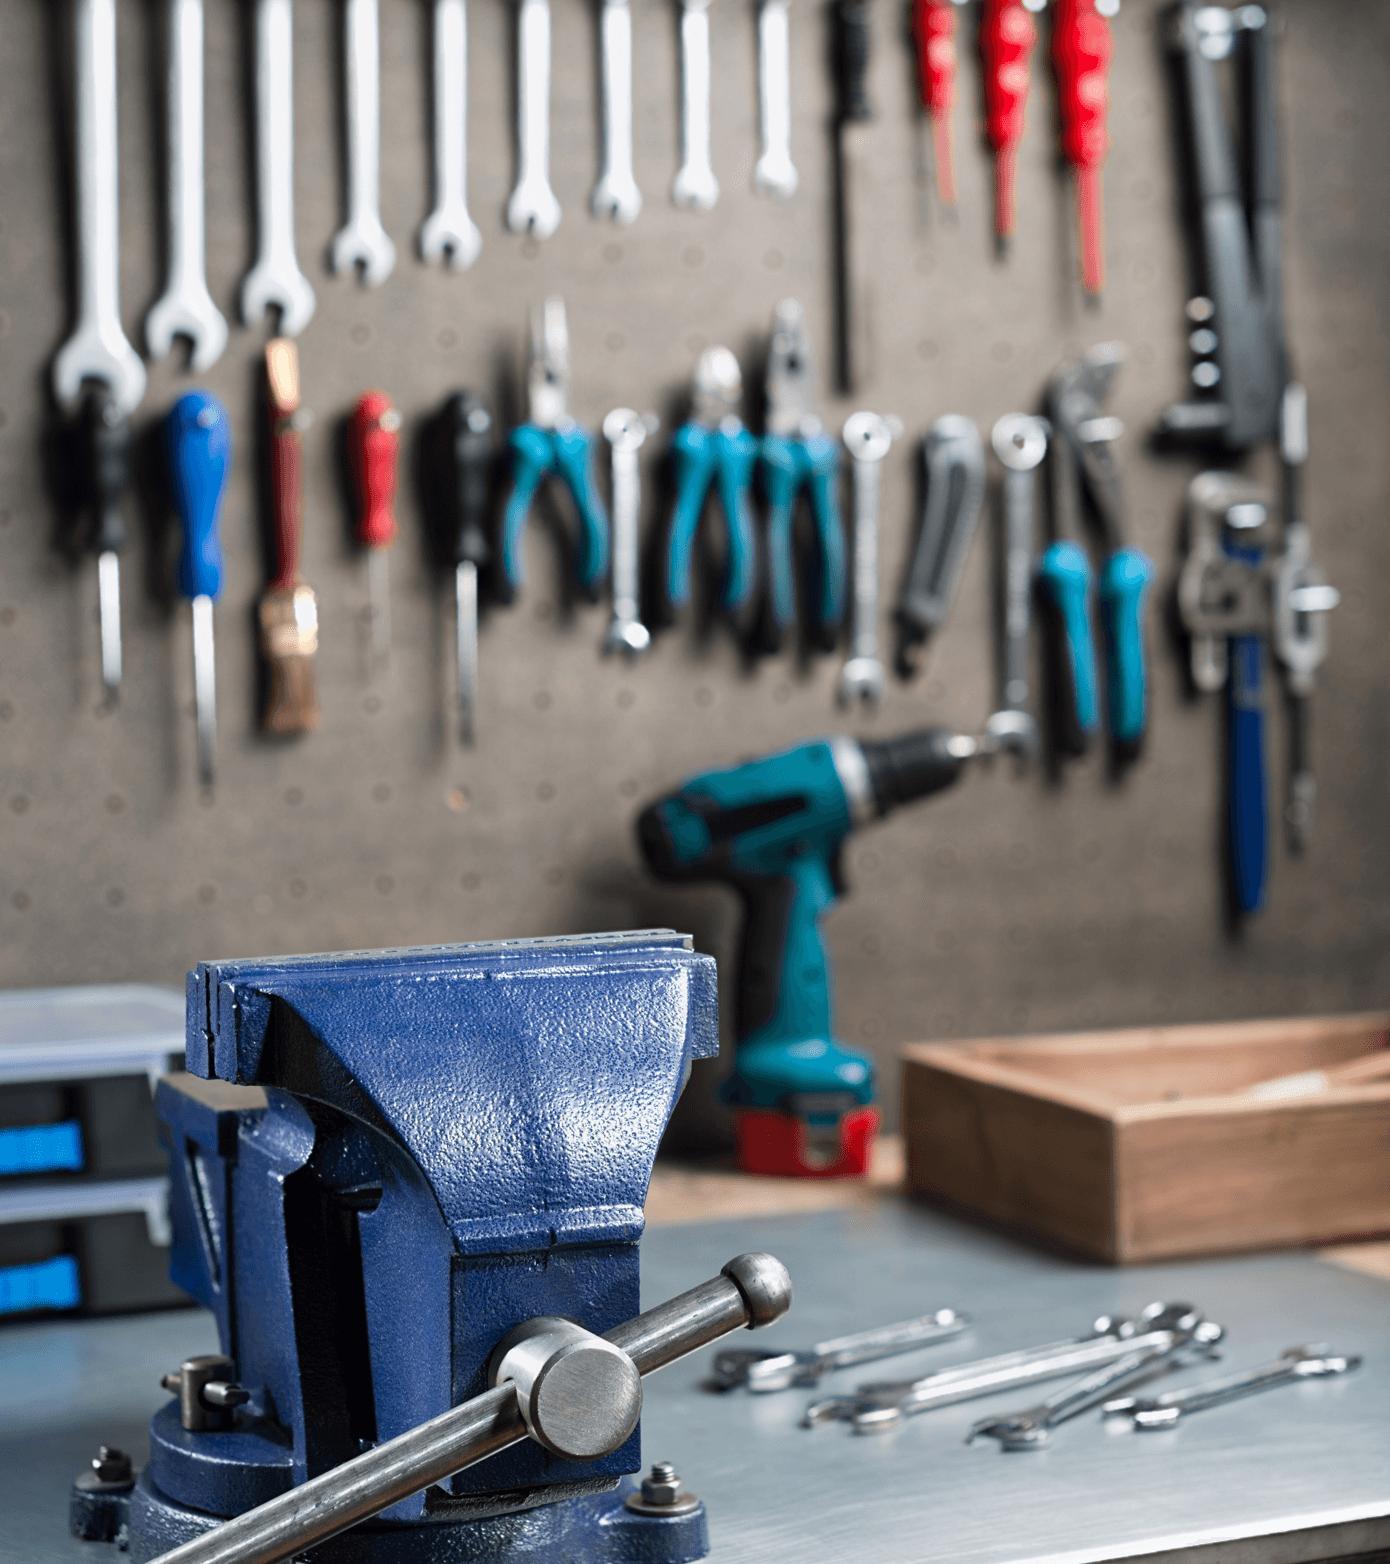 handy-hacks-more-storage-space-home-workshop.png